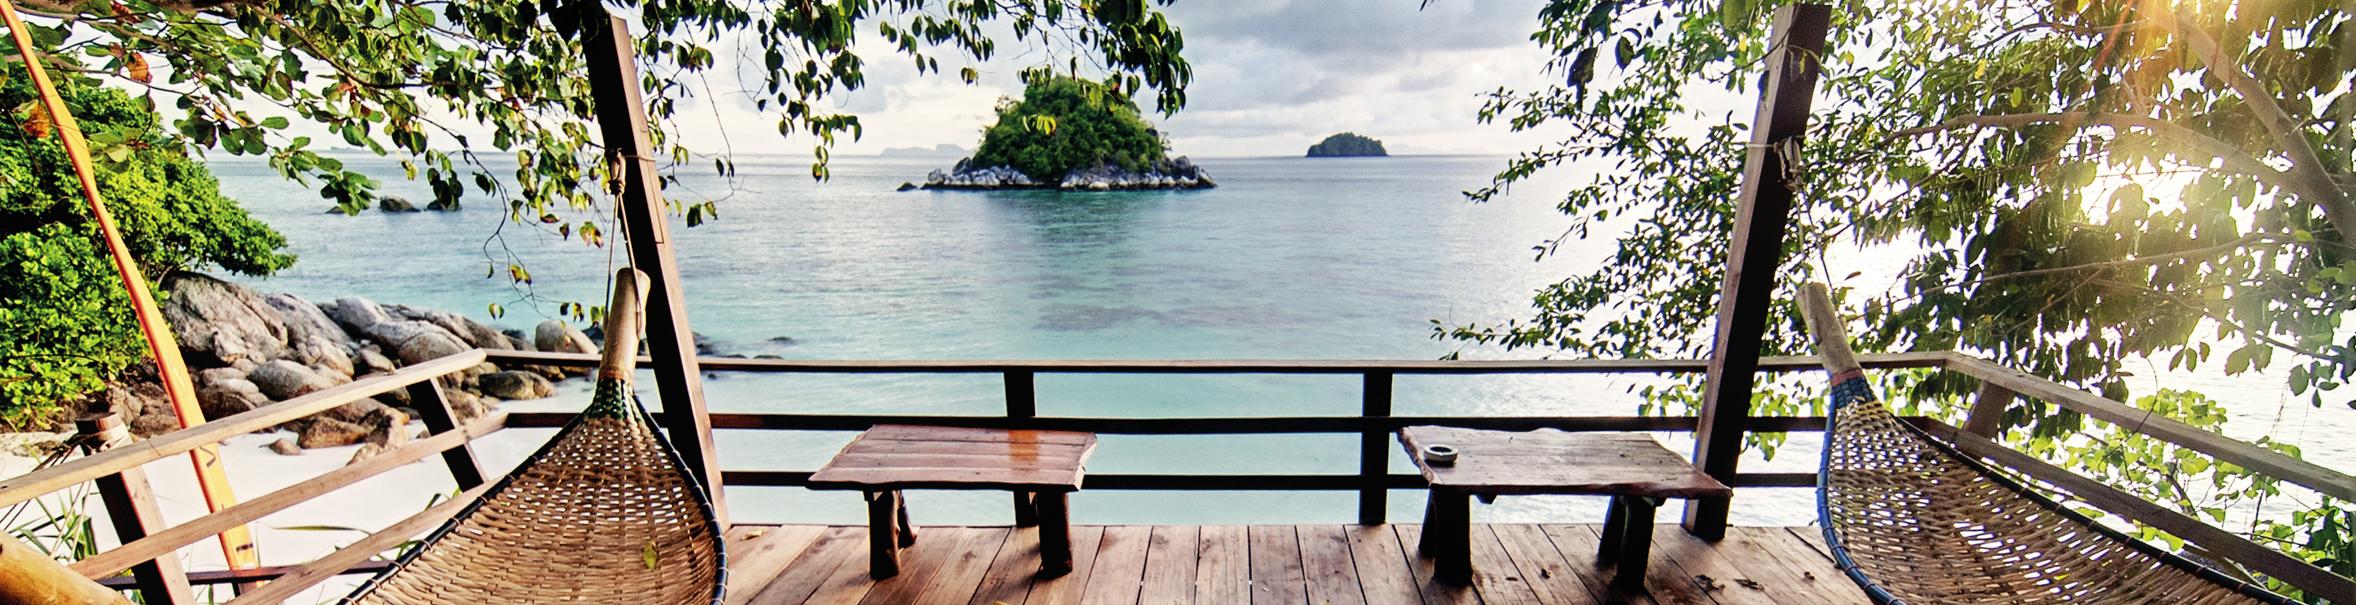 tuinposter houten vlonderterras uitzicht over zee